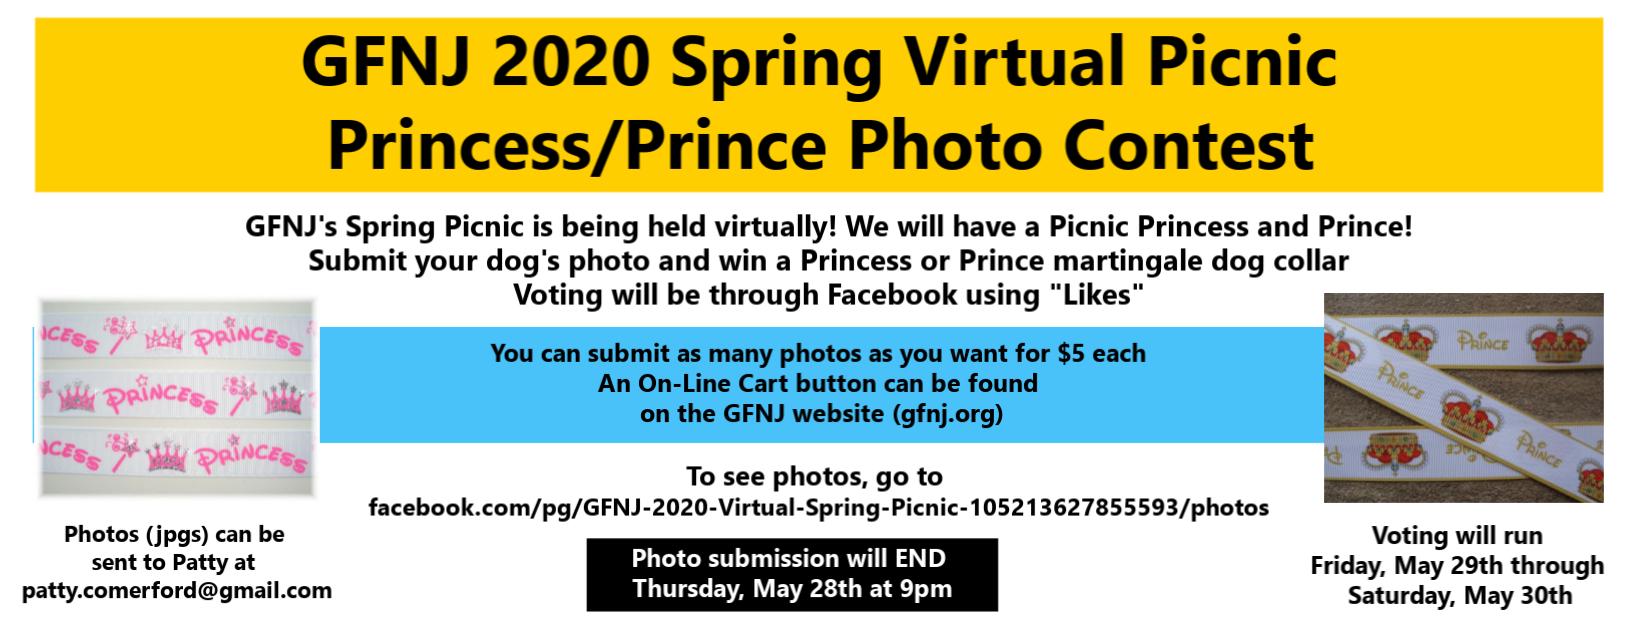 2020 Virtual Picnic Photos Use